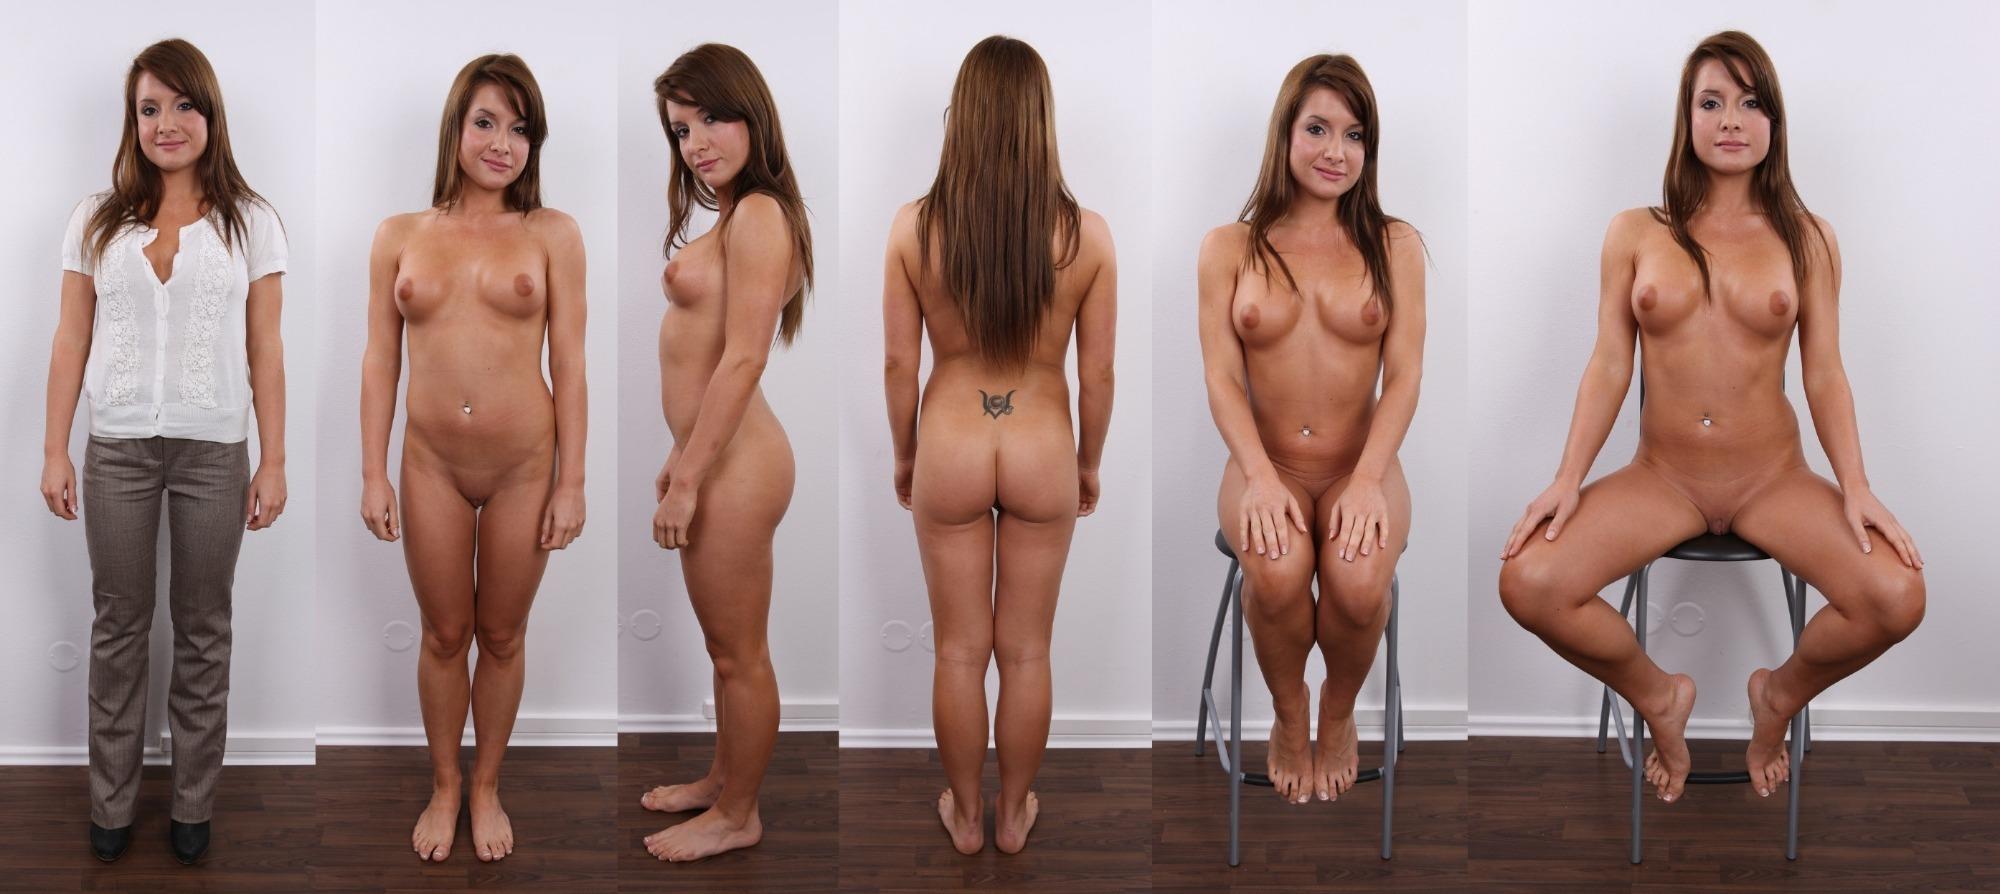 babu-zhestko-studencheskiy-eroticheskiy-kasting-ukrainskih-porno-zvezd